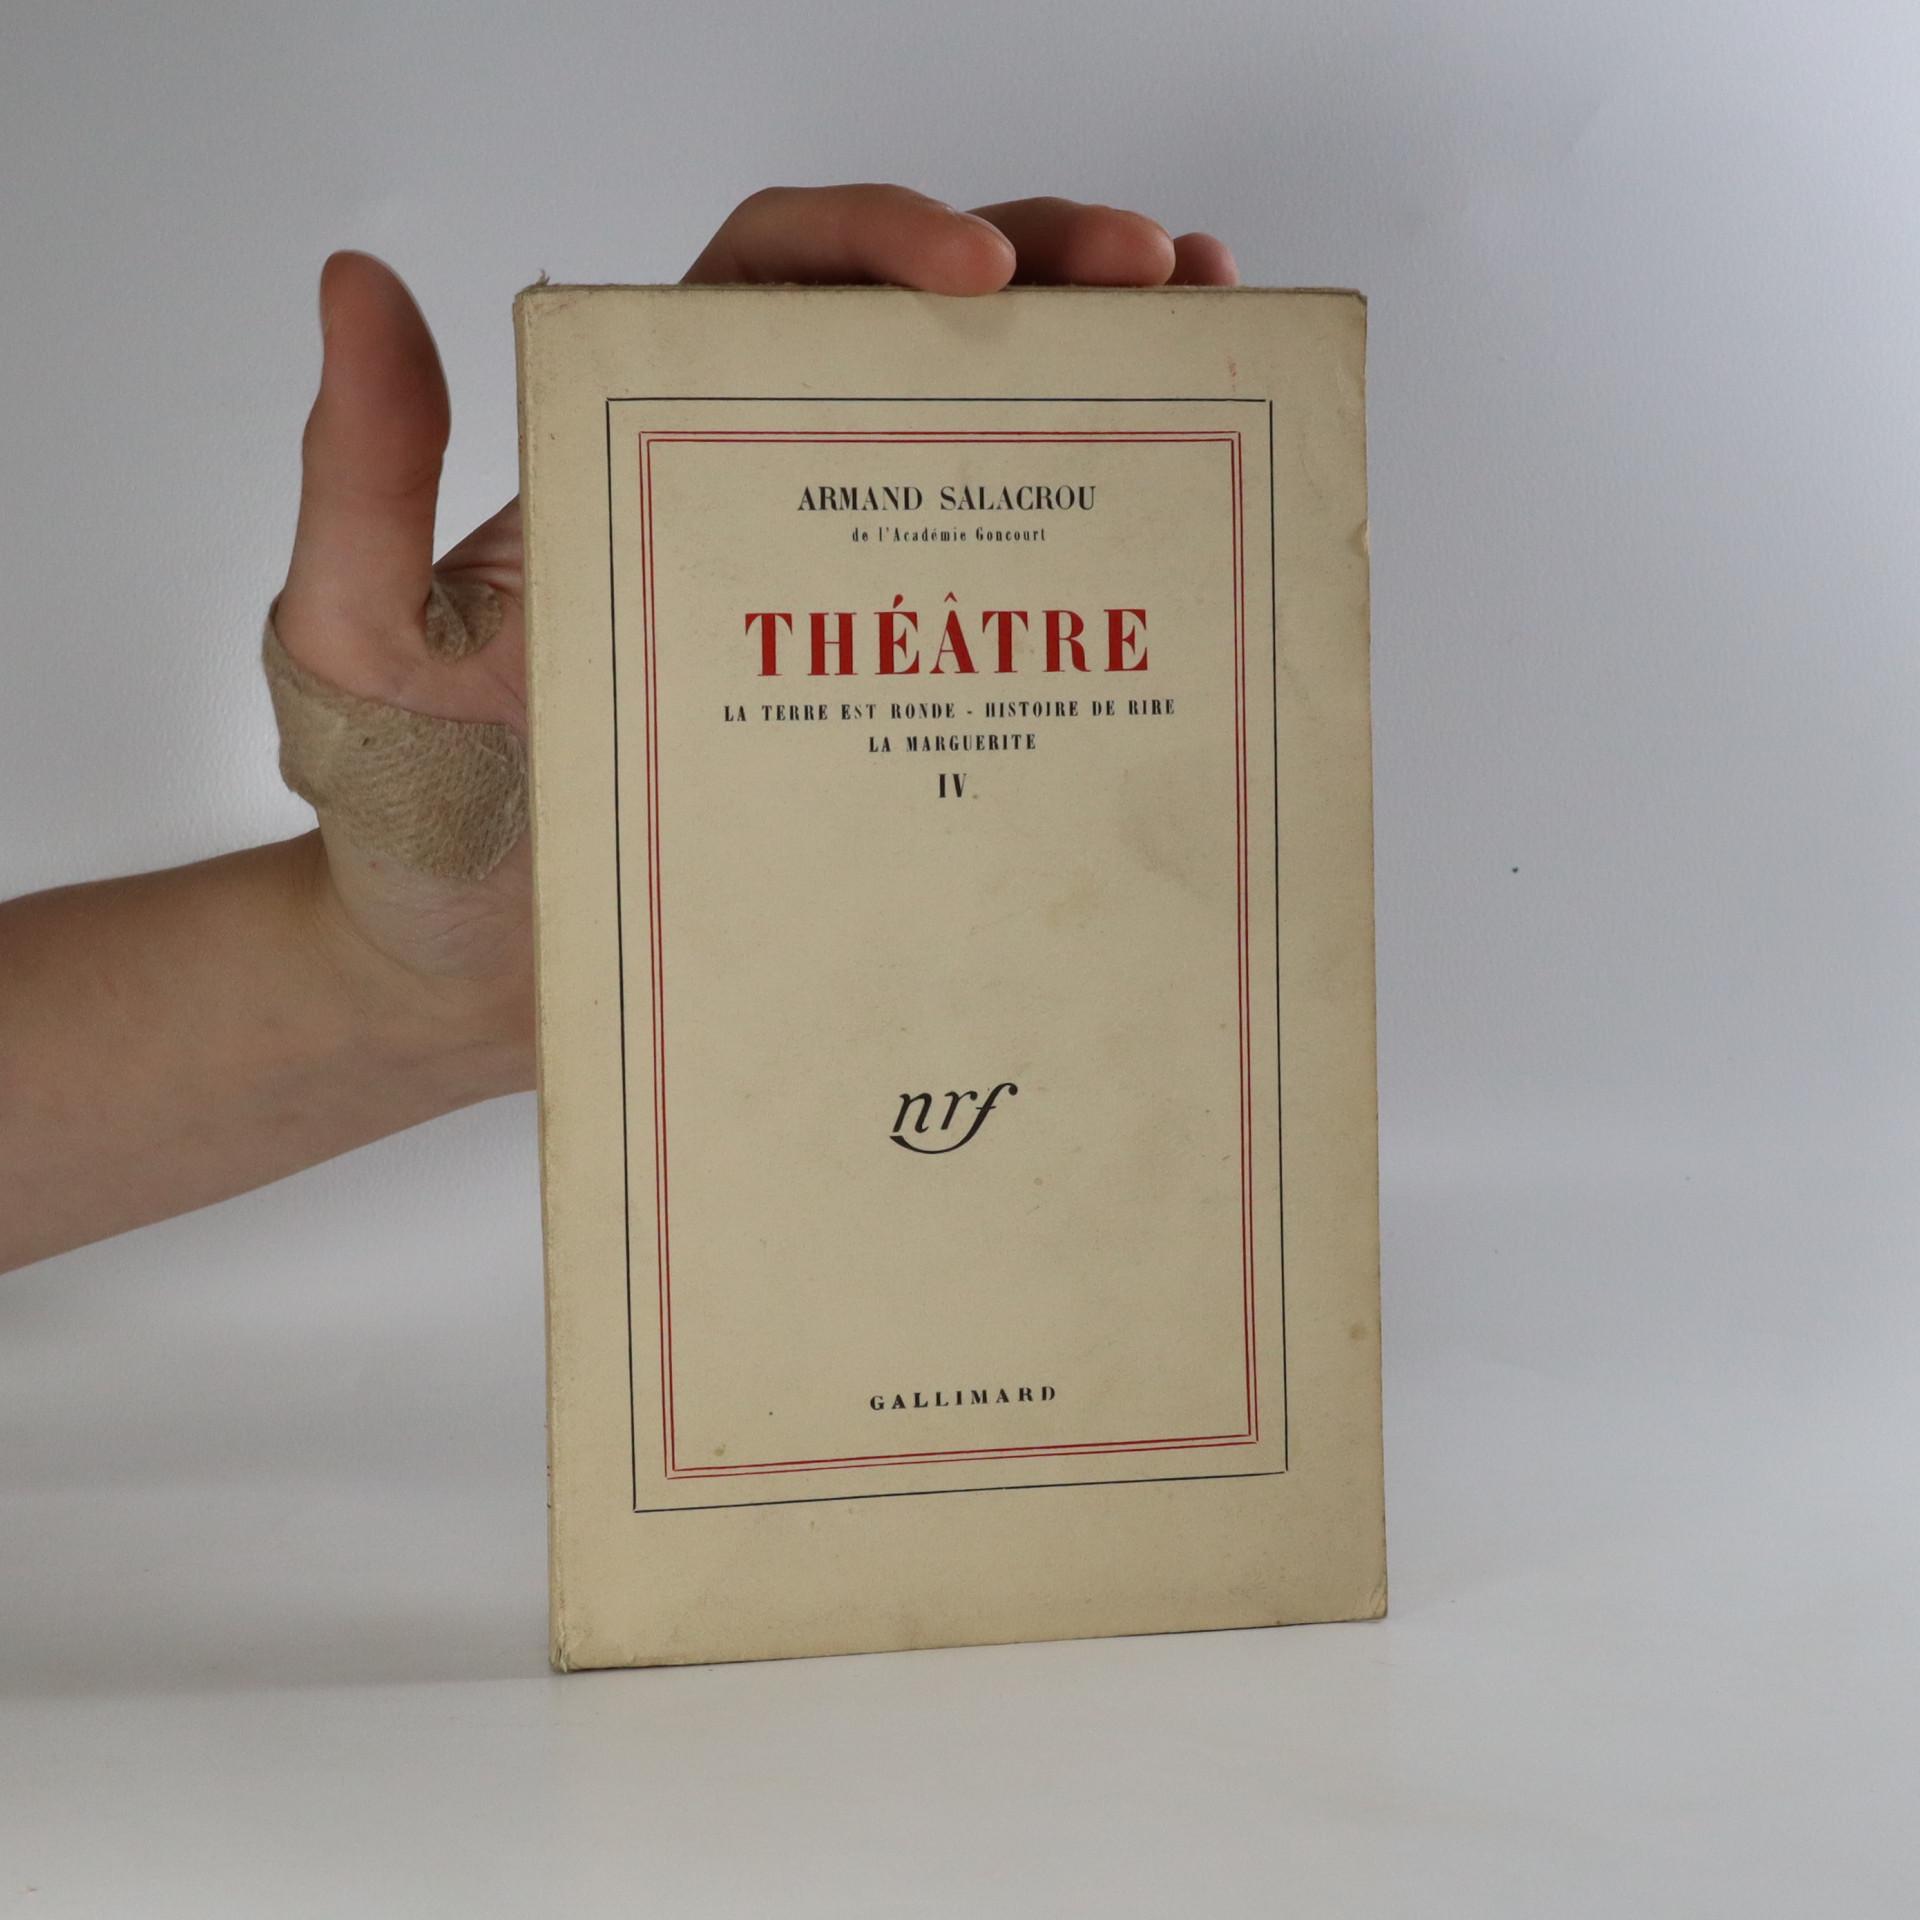 antikvární kniha Théatre, neuveden